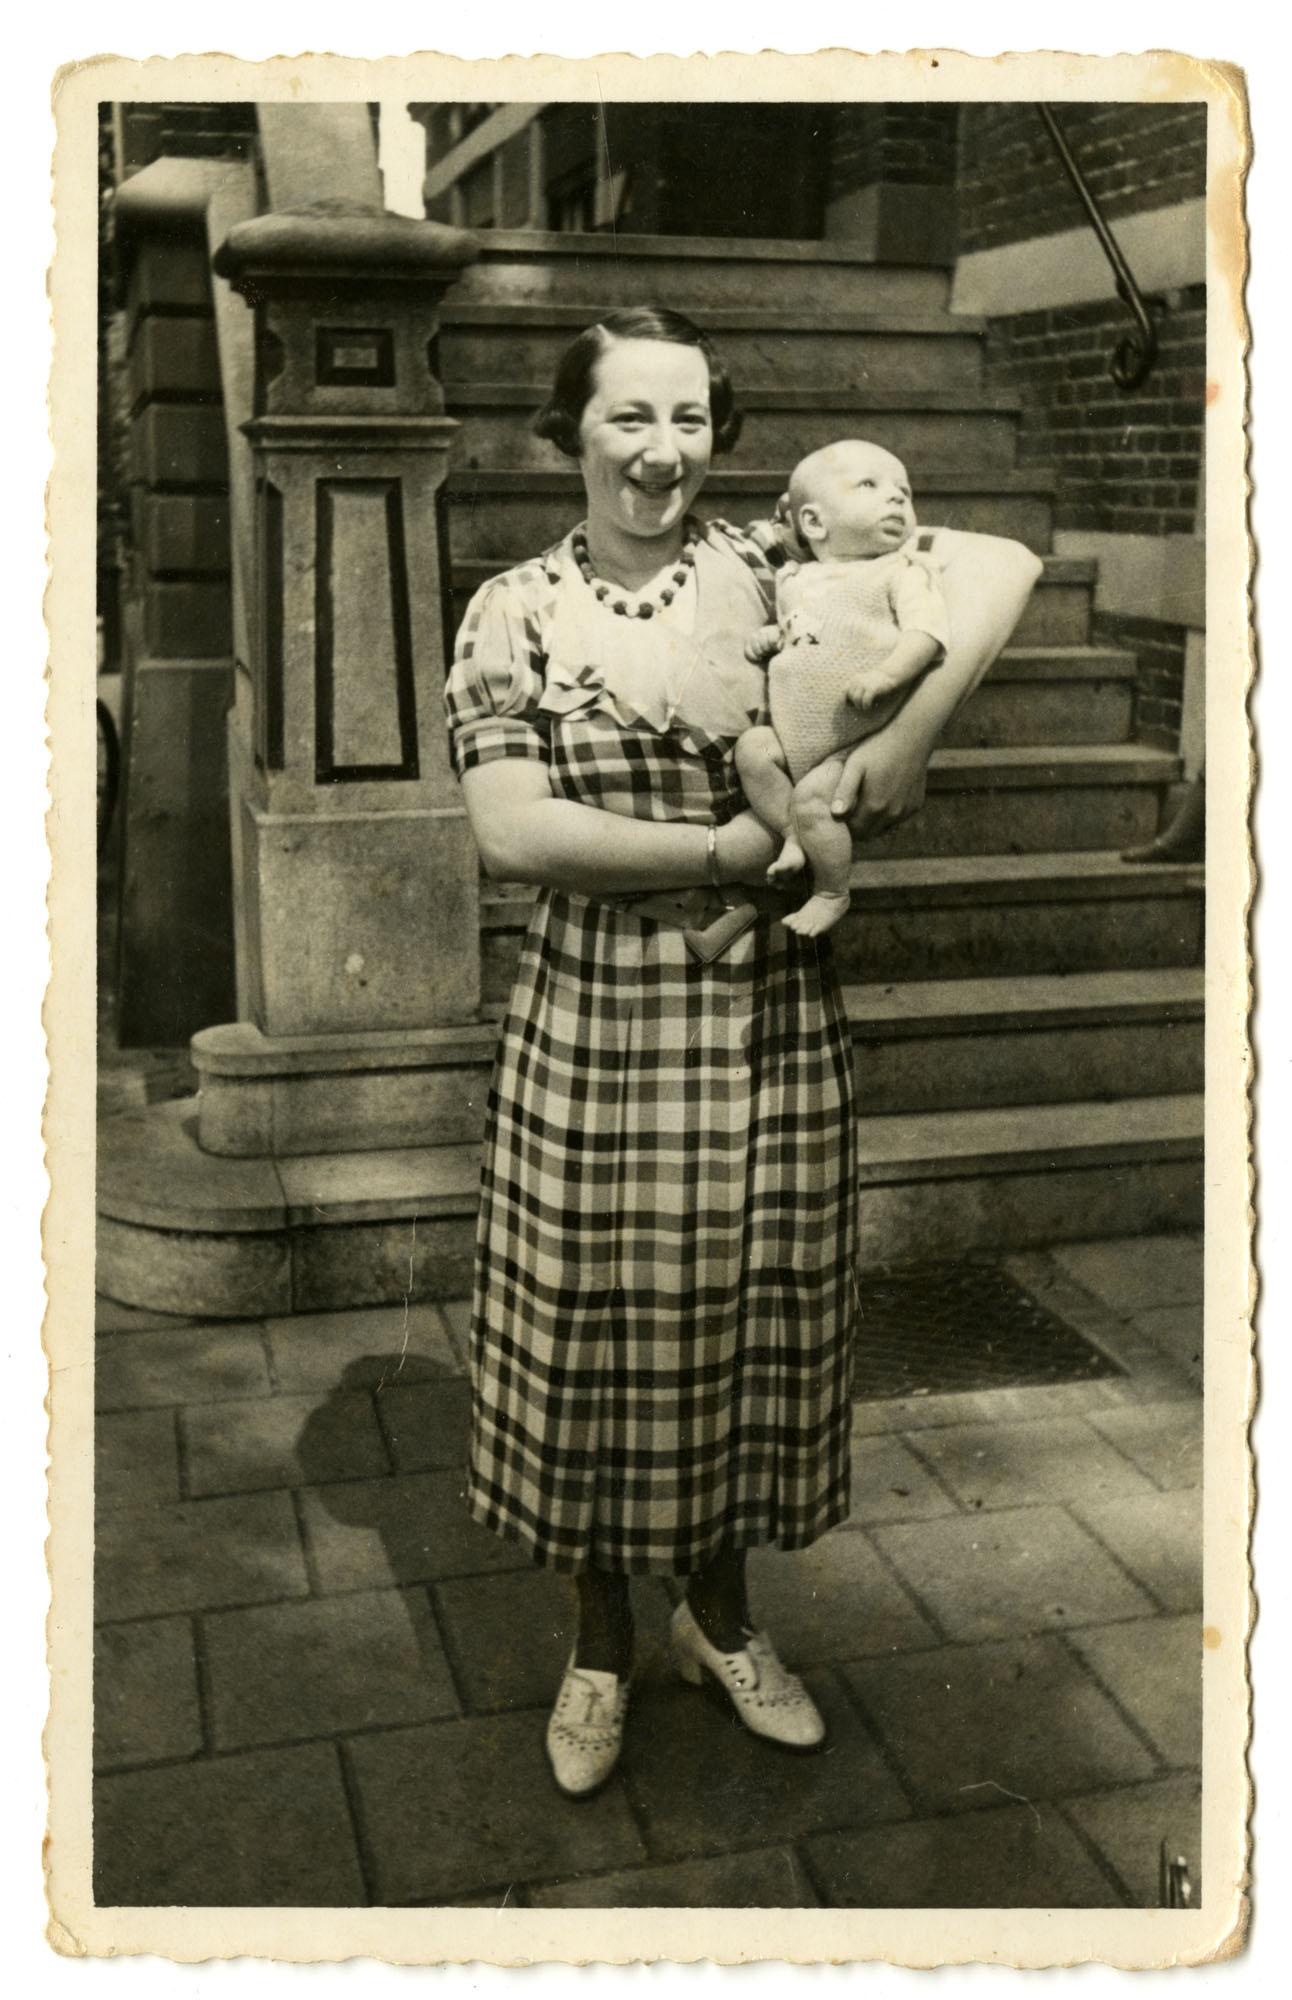 Evaline Krant-Hamel and Dientje Krant, 1938